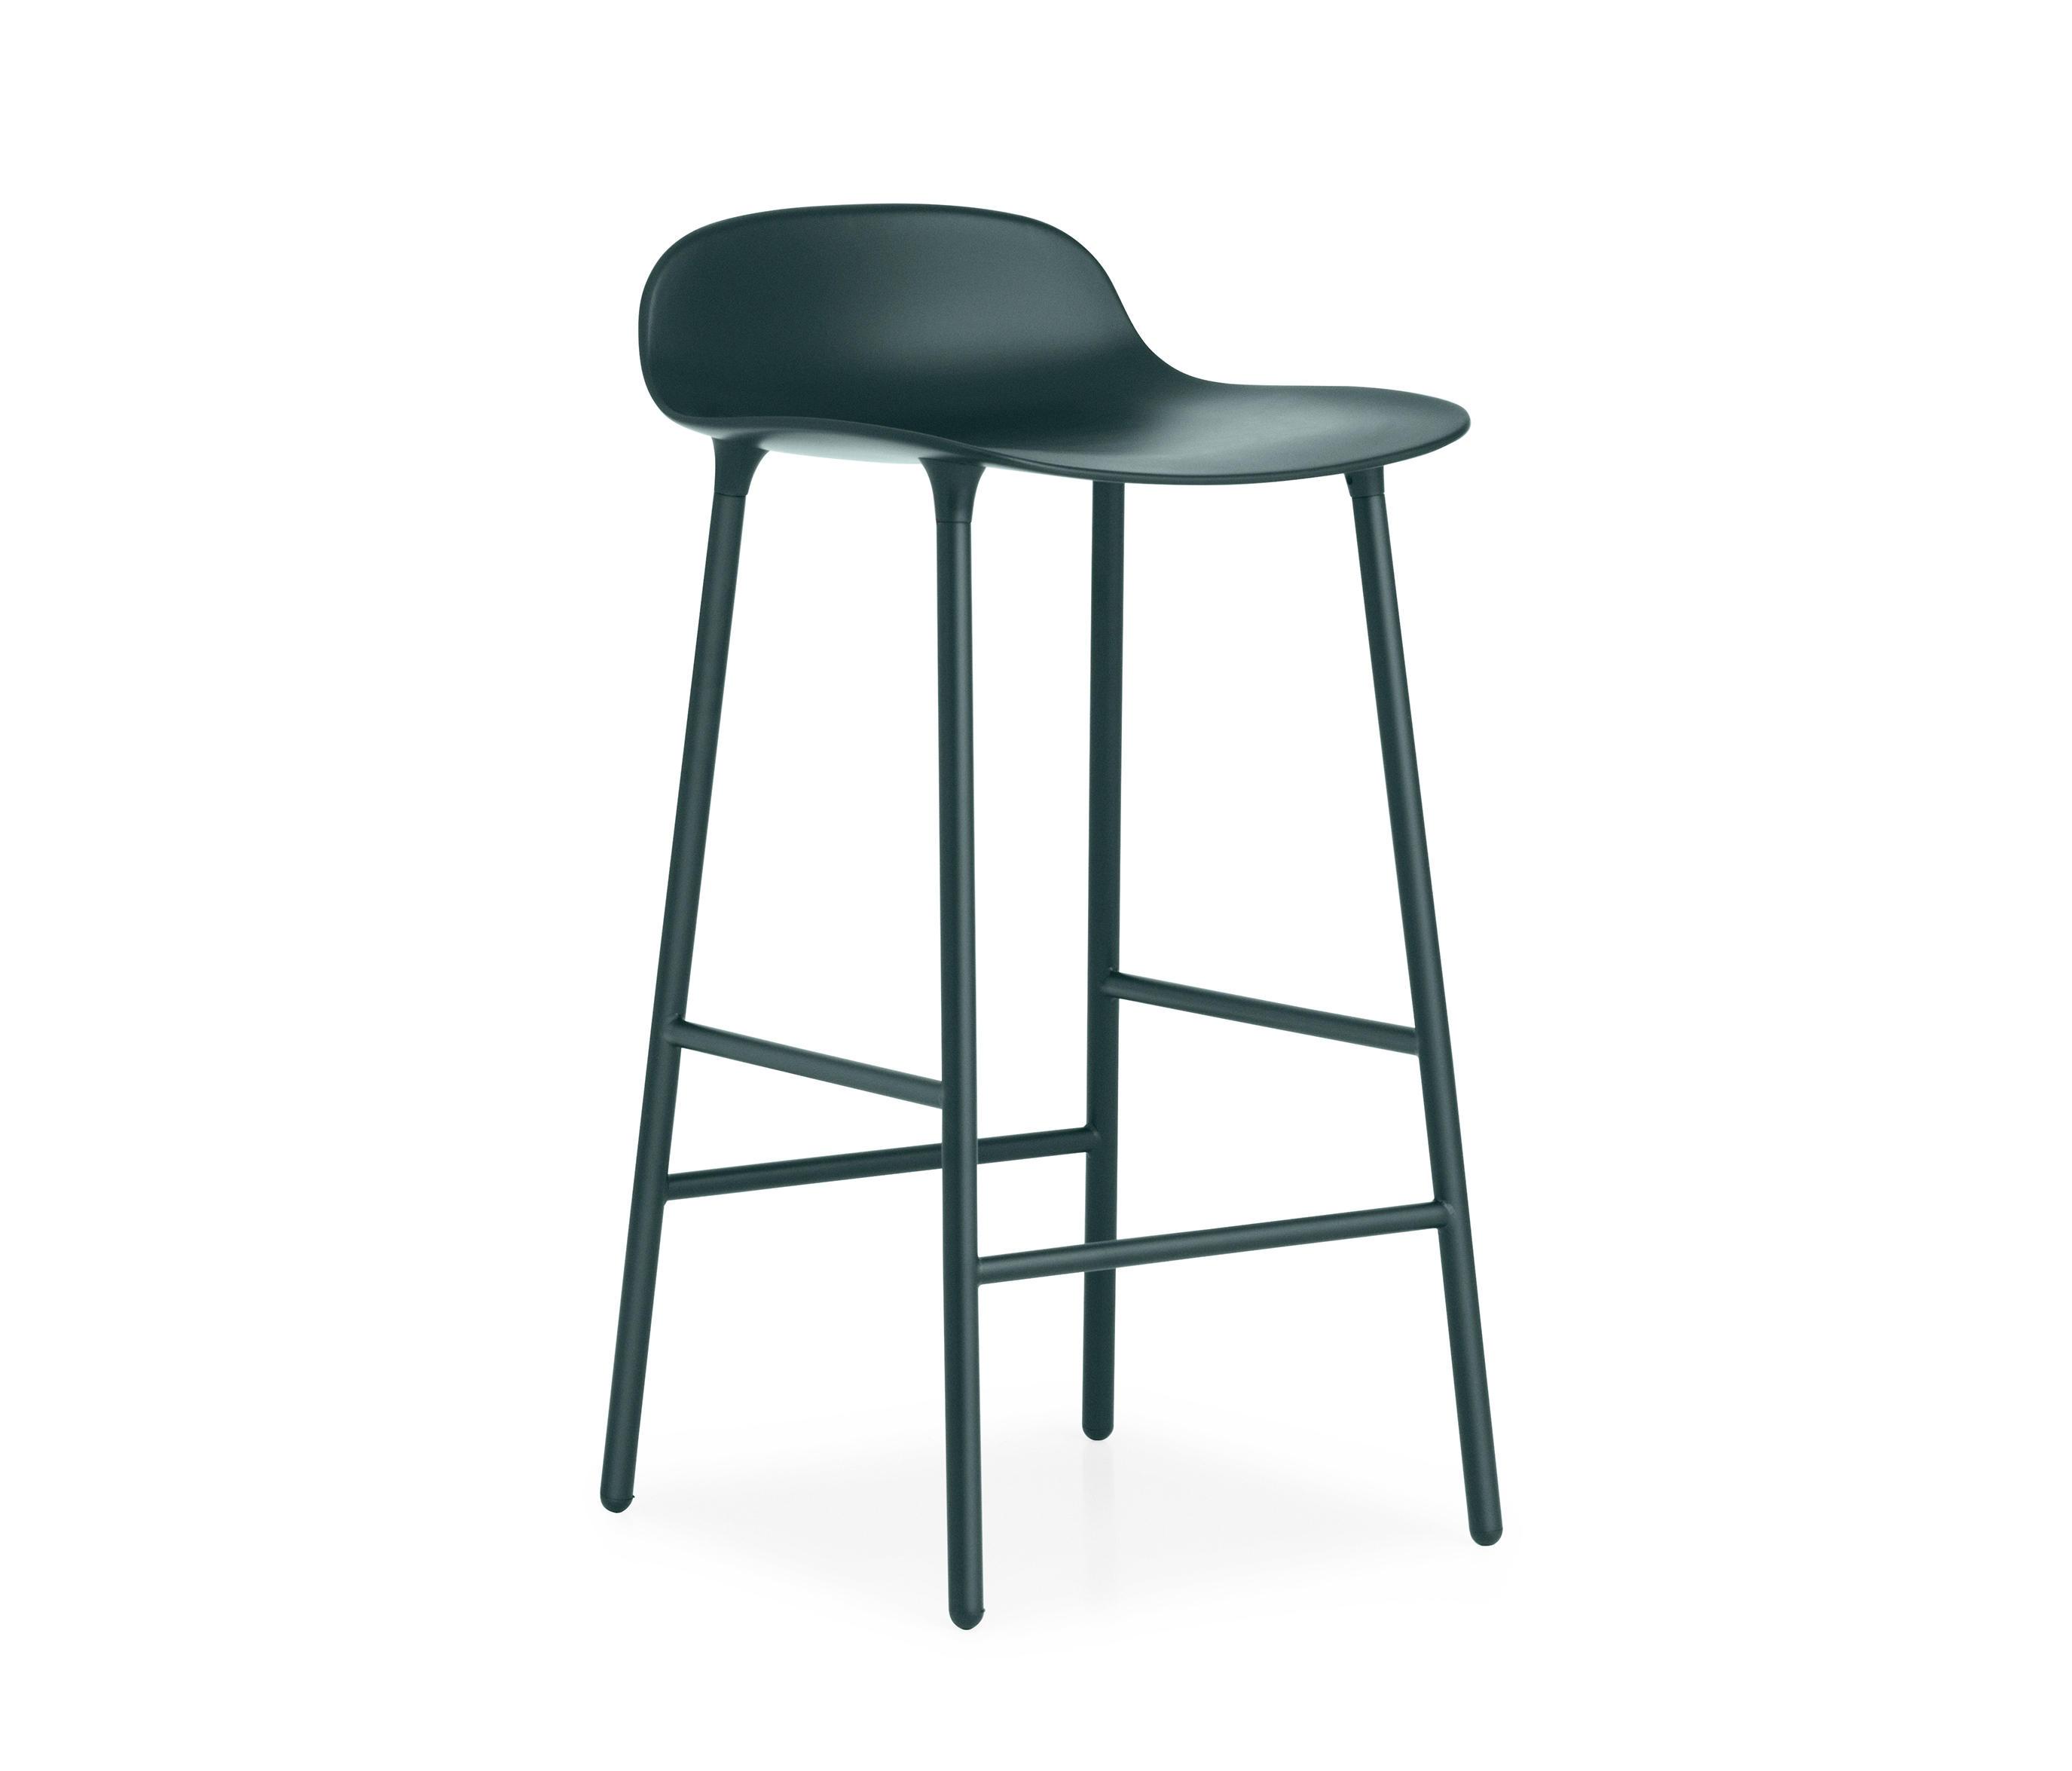 FORM BARSTOOL 65 - Bar stools from Normann Copenhagen